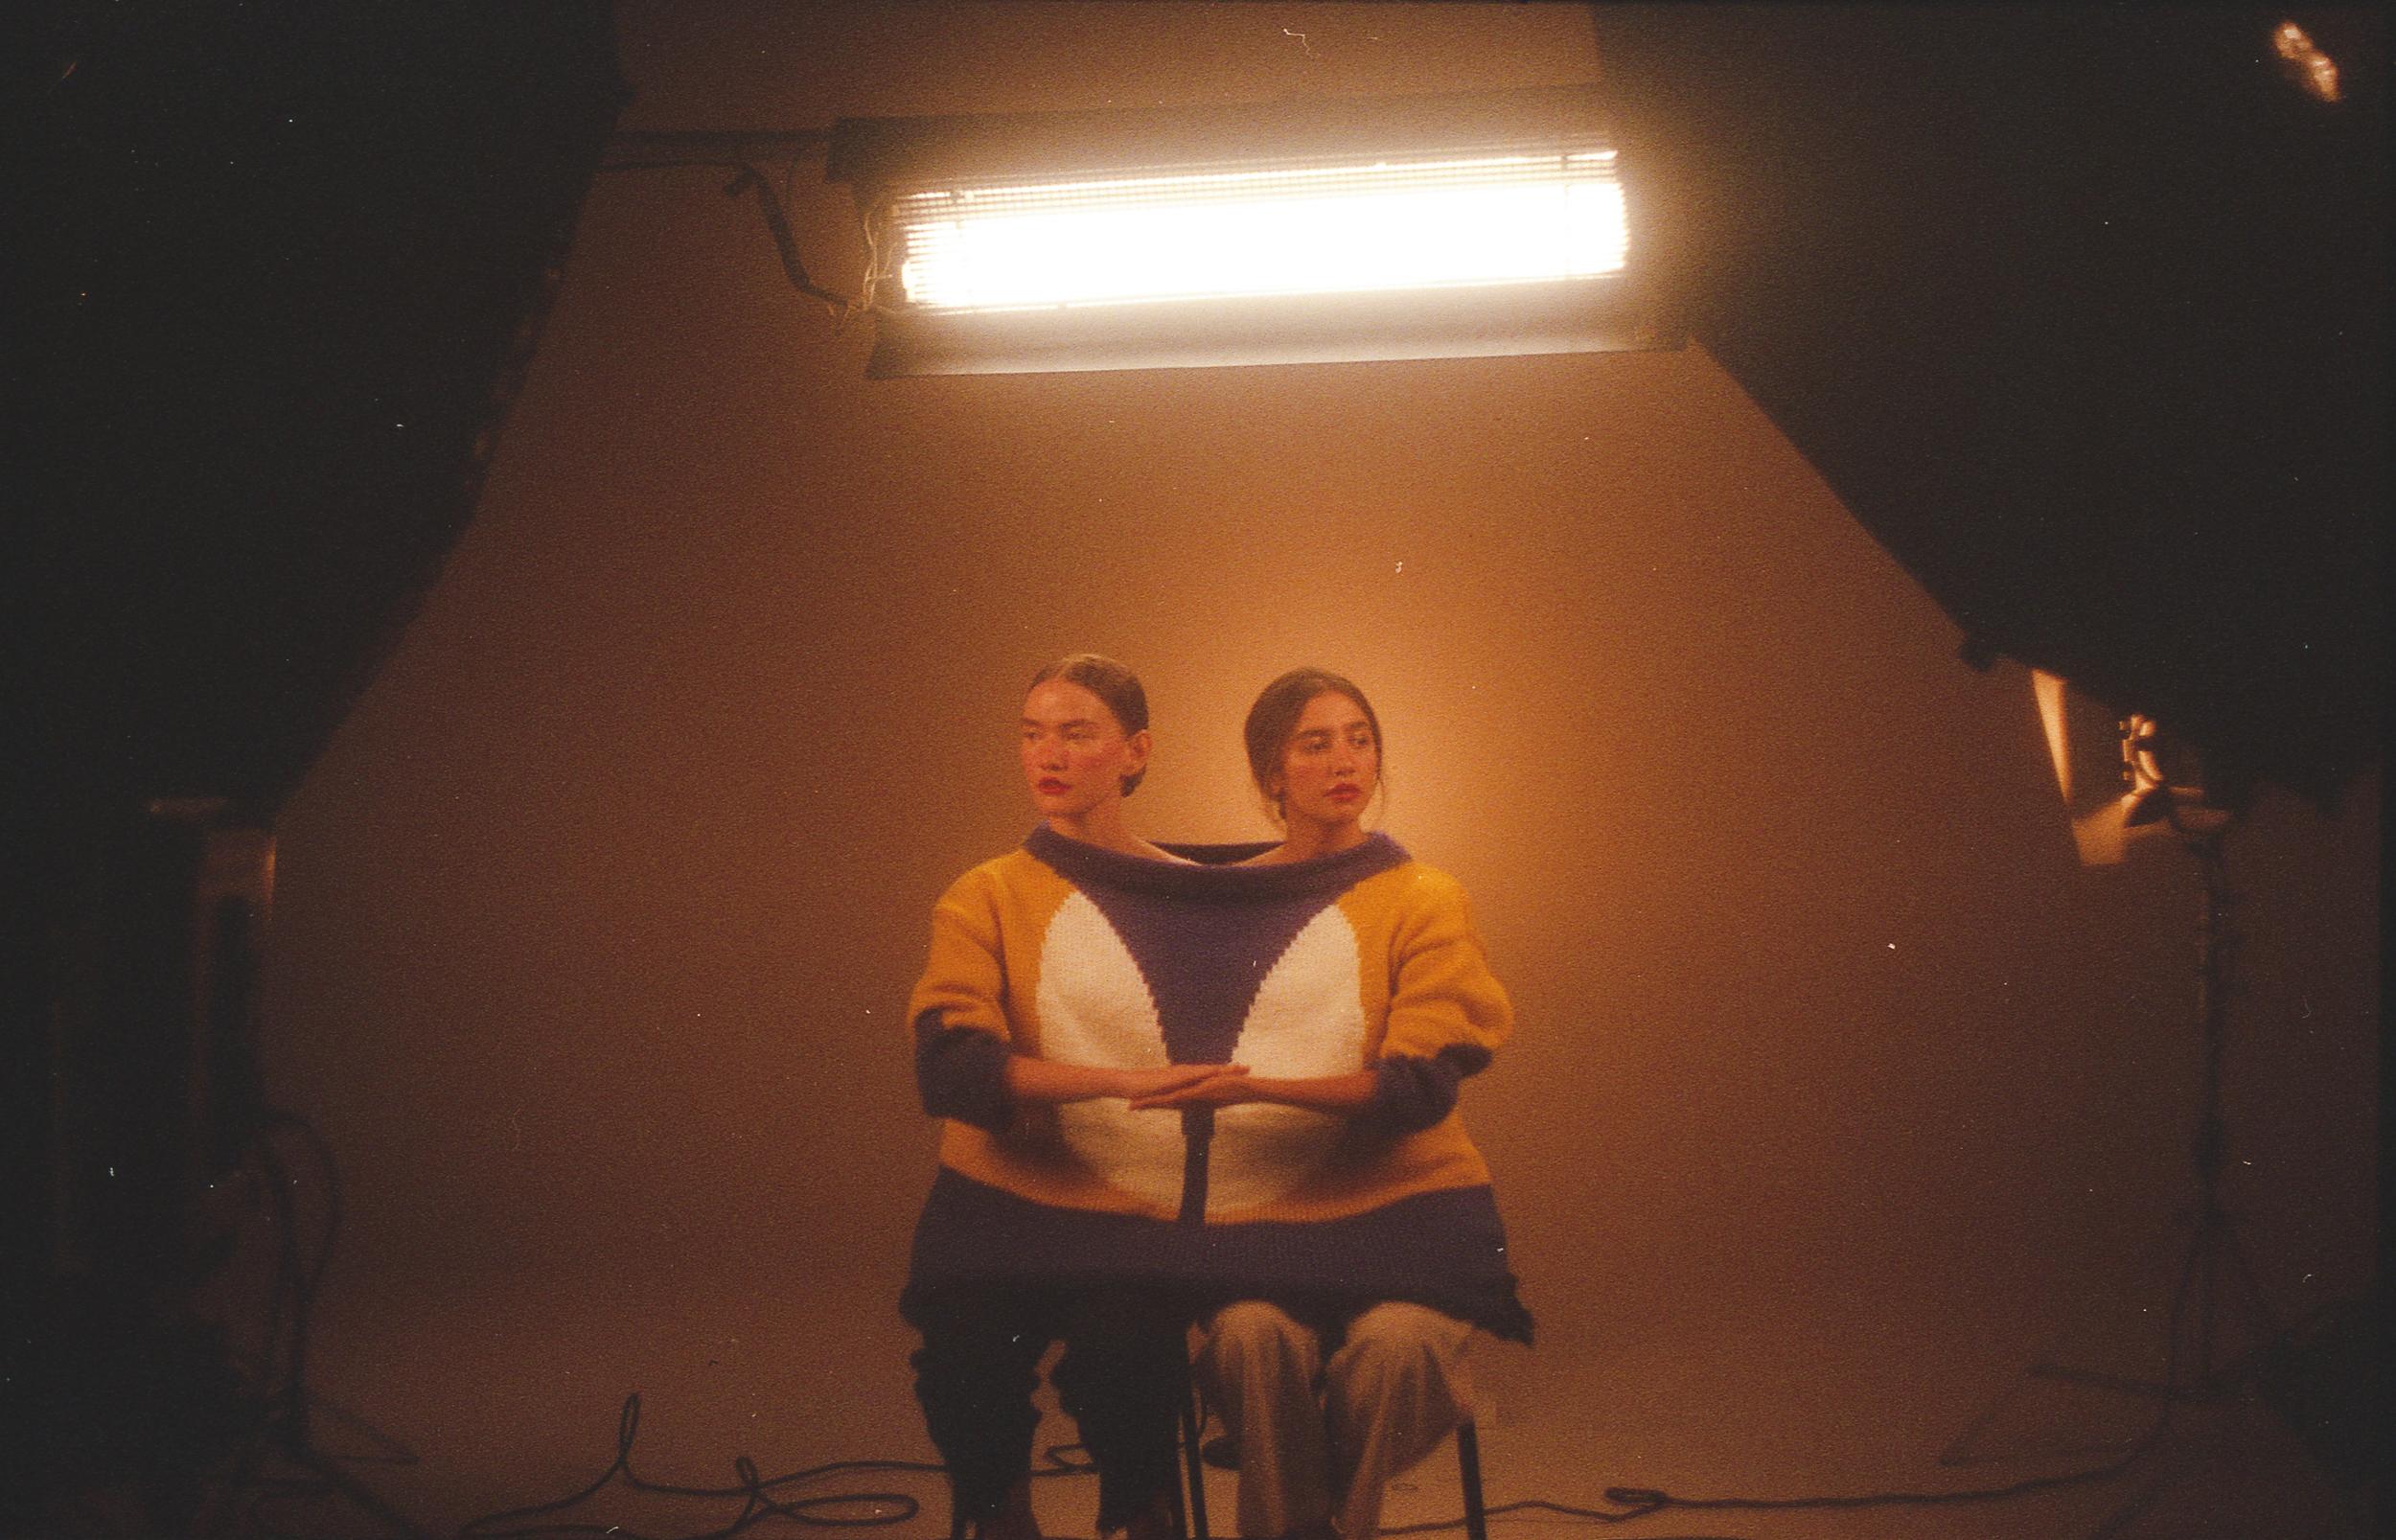 Bastidores da gravação do clipe de 'Amarelo, Azul e Branco': homenagem ao Tocantis teve participação de Rita Lee